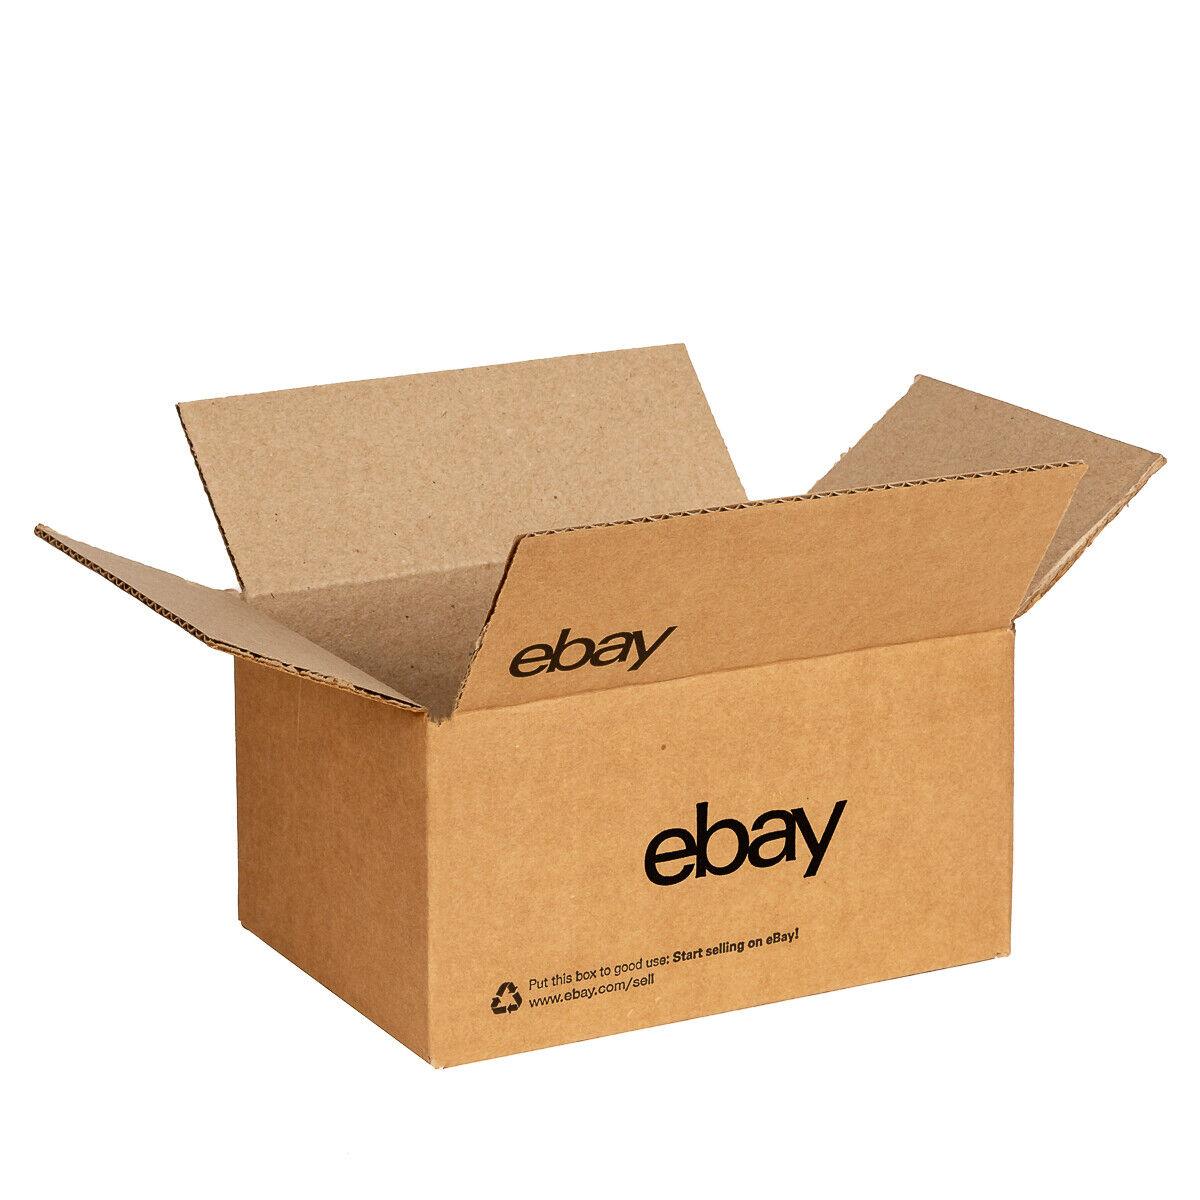 Ebay Branded Boxes With Black Color Logo 6 X 4 3 4 X 4 3 4 Ebay